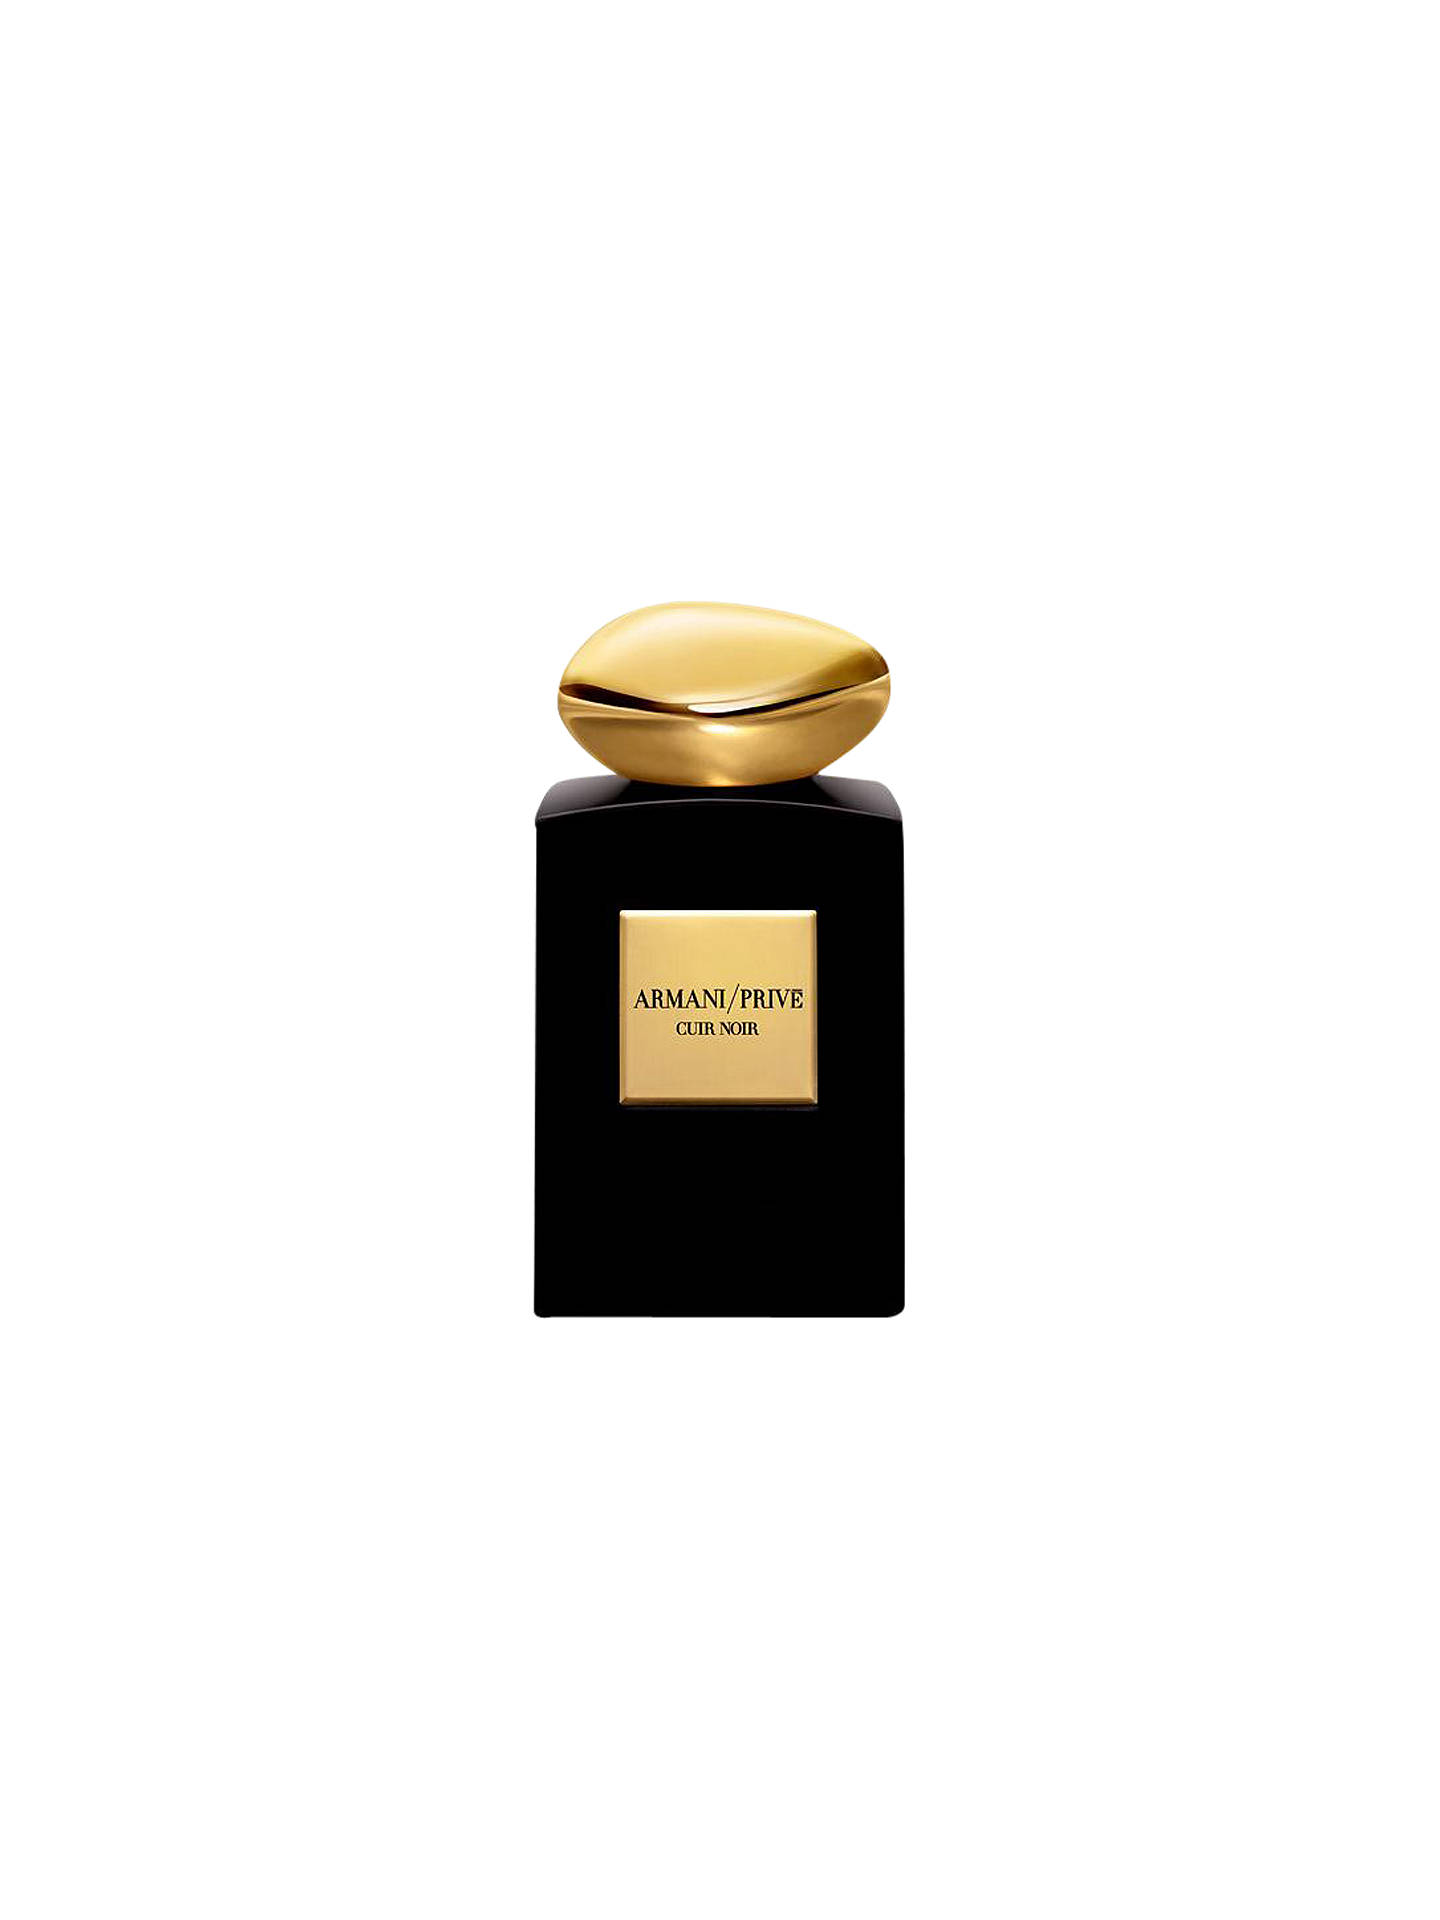 Giorgio Armani Privé Cuir Noir Eau De Parfum At John Lewis Partners